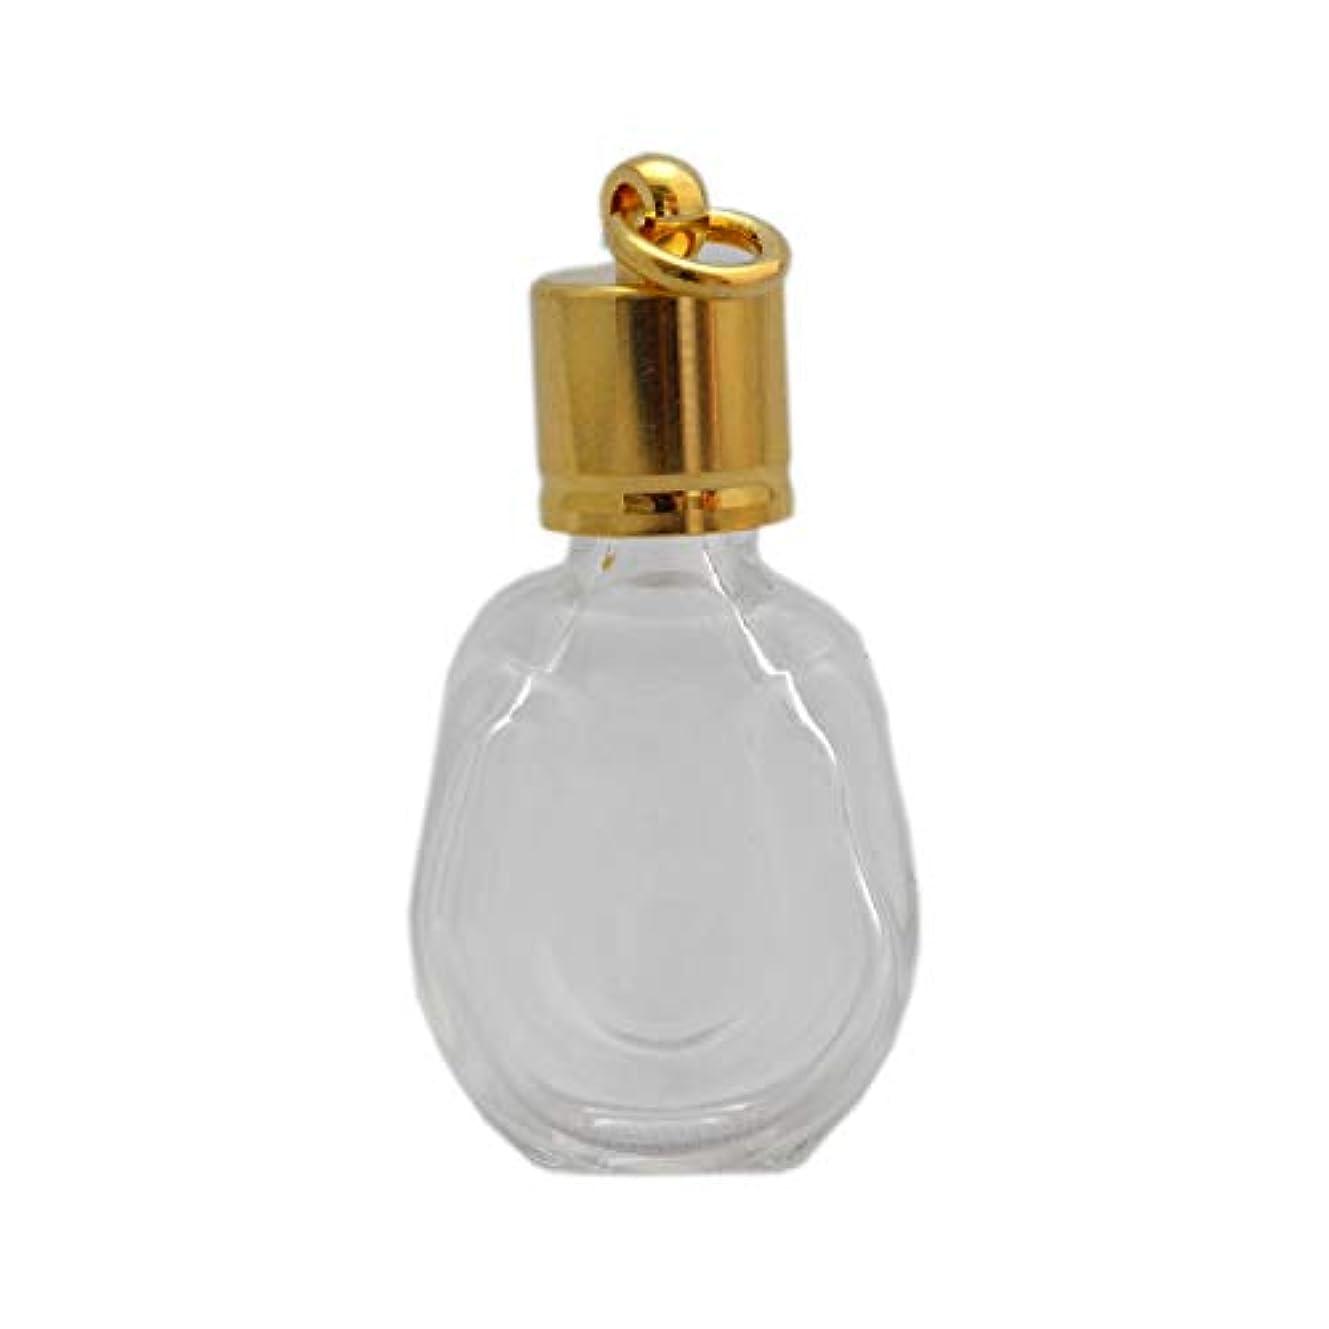 食欲特異なハンカチミニ香水瓶 アロマペンダントトップ 馬蹄型(透明 容量1.3ml)×穴あきキャップ ゴールド